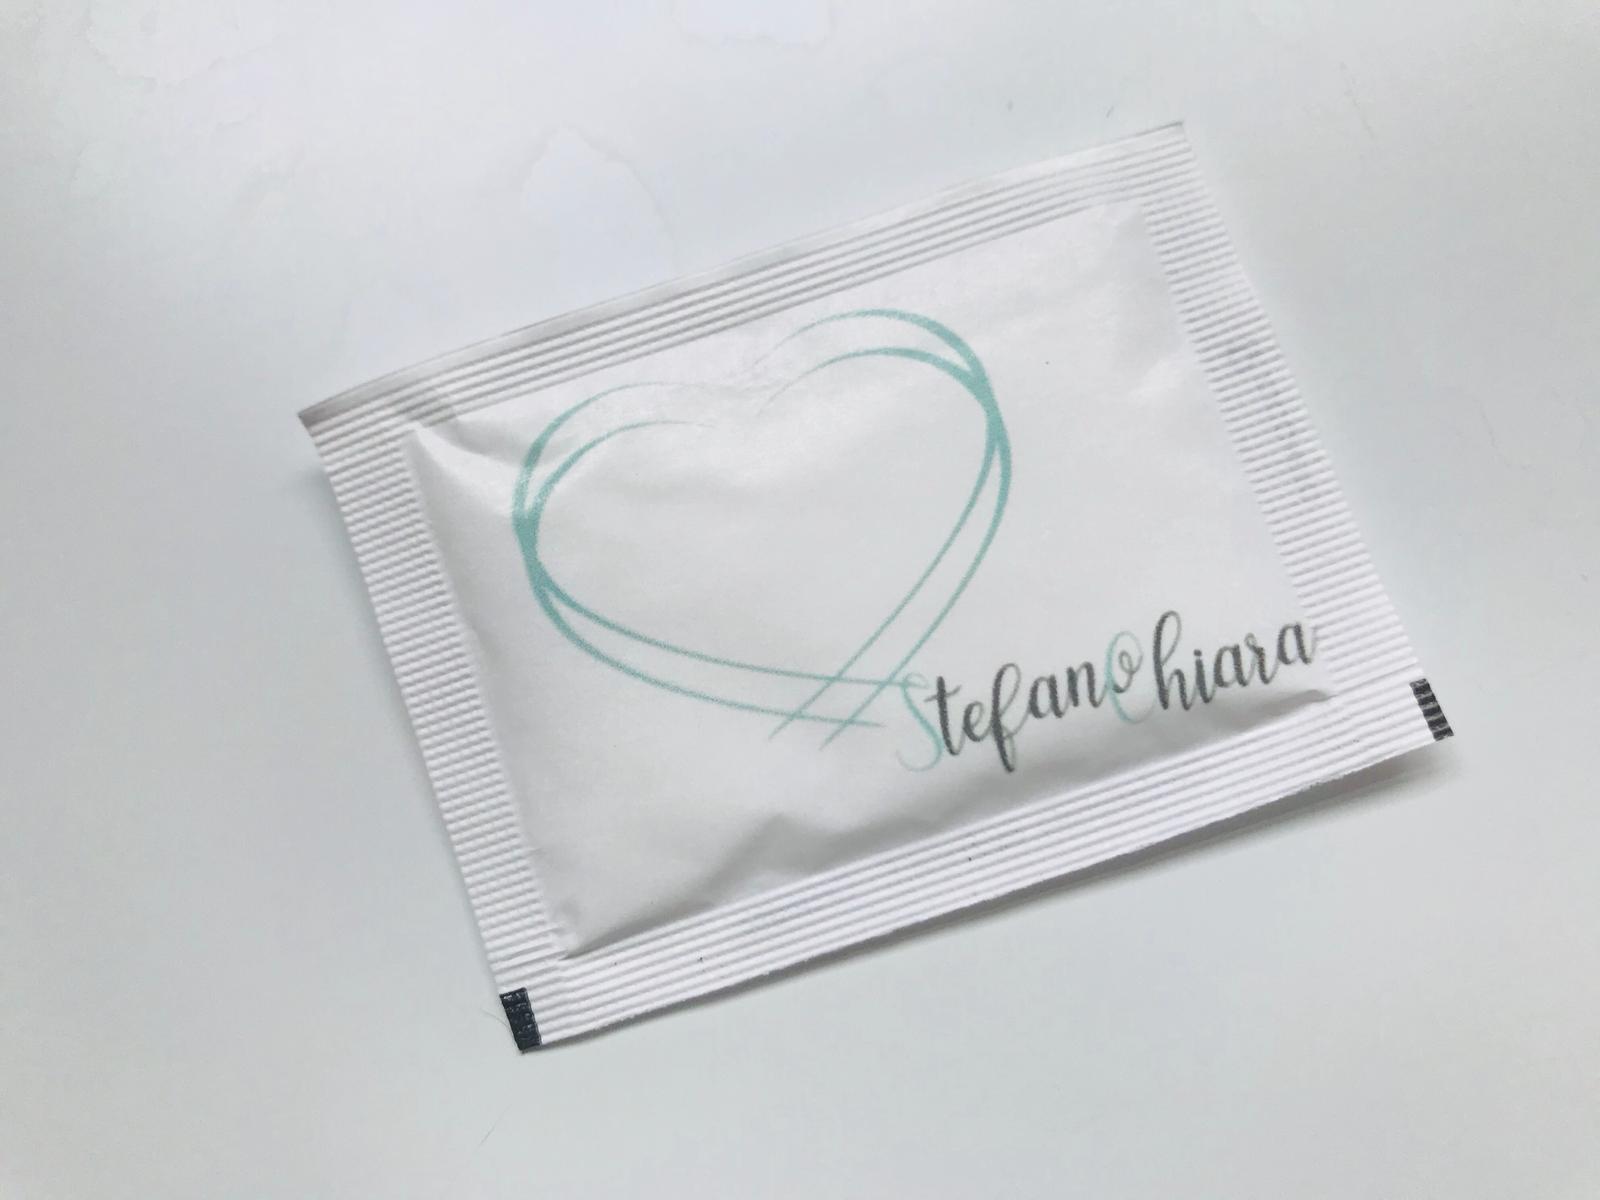 bustina-di-zucchero-personalizzata-per-matrimonio-chiara-e-stefano.jpg